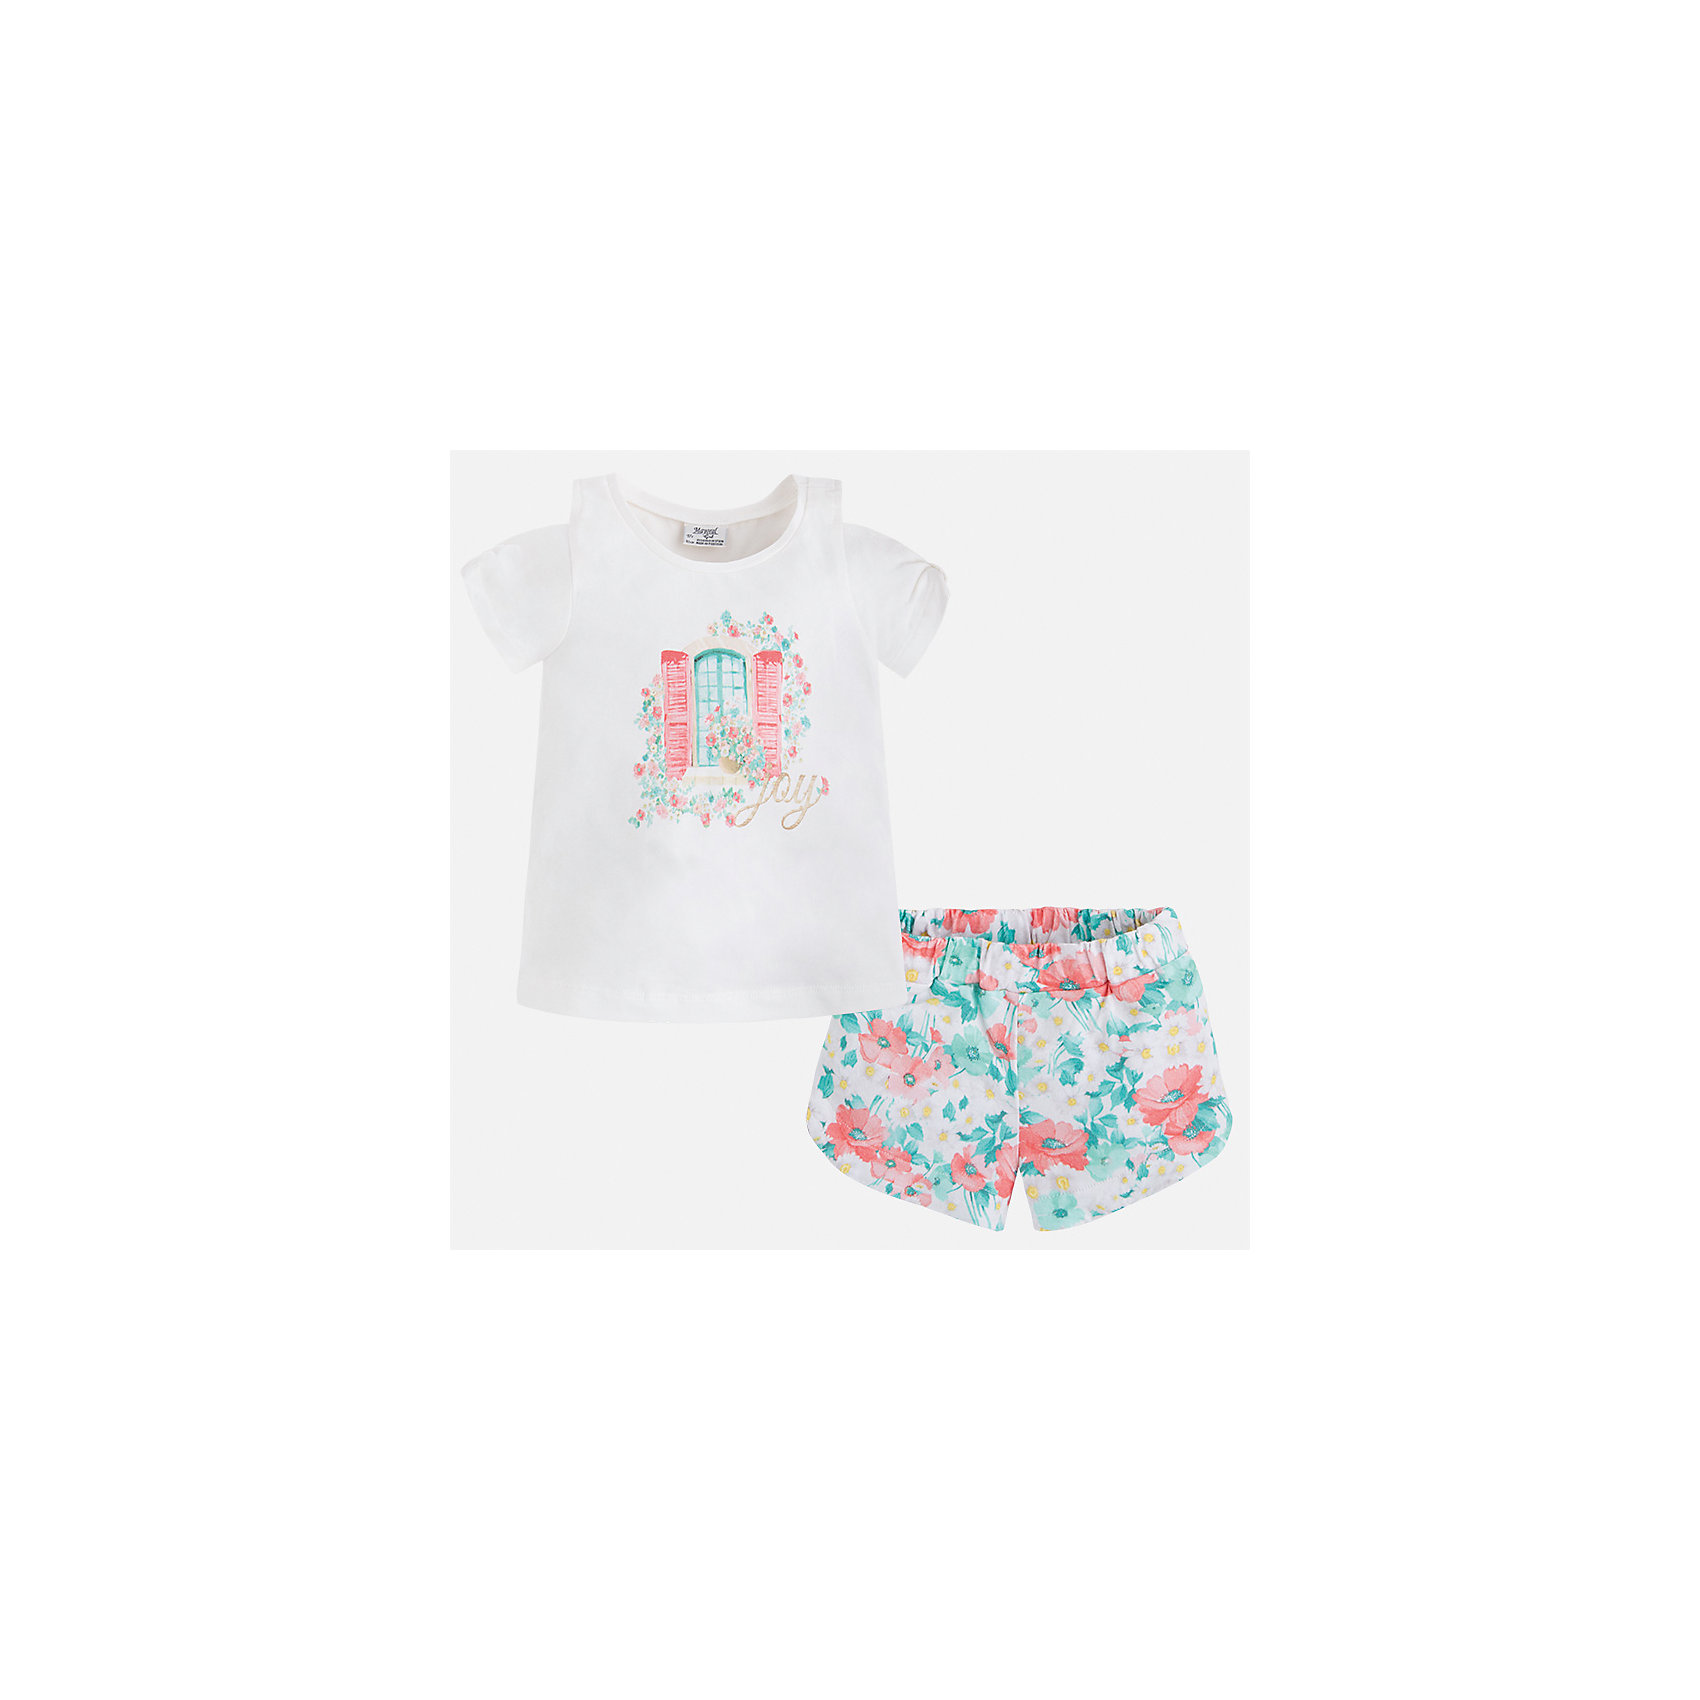 Комплект: футболка с длинным рукавом и шорты для девочки MayoralКомплекты<br>Характеристики товара:<br><br>• цвет: белый/мультиколор<br>• состав: 95% хлопок, 5% эластан<br>• комплектация: футболка, шорты<br>• футболка декорирована принтом<br>• шорты с принтом<br>• пояс на резинке<br>• страна бренда: Испания<br><br>Стильный качественный комплект для девочки поможет разнообразить гардероб ребенка и удобно одеться в теплую погоду. Он отлично сочетается с другими предметами. Универсальный цвет позволяет подобрать к вещам верхнюю одежду практически любой расцветки. Интересная отделка модели делает её нарядной и оригинальной. В составе материала - натуральный хлопок, гипоаллергенный, приятный на ощупь, дышащий.<br><br>Одежда, обувь и аксессуары от испанского бренда Mayoral полюбились детям и взрослым по всему миру. Модели этой марки - стильные и удобные. Для их производства используются только безопасные, качественные материалы и фурнитура. Порадуйте ребенка модными и красивыми вещами от Mayoral! <br><br>Комплект для девочки от испанского бренда Mayoral (Майорал) можно купить в нашем интернет-магазине.<br><br>Ширина мм: 191<br>Глубина мм: 10<br>Высота мм: 175<br>Вес г: 273<br>Цвет: синий<br>Возраст от месяцев: 24<br>Возраст до месяцев: 36<br>Пол: Женский<br>Возраст: Детский<br>Размер: 98,104,110,116,122,128,134,92<br>SKU: 5289884